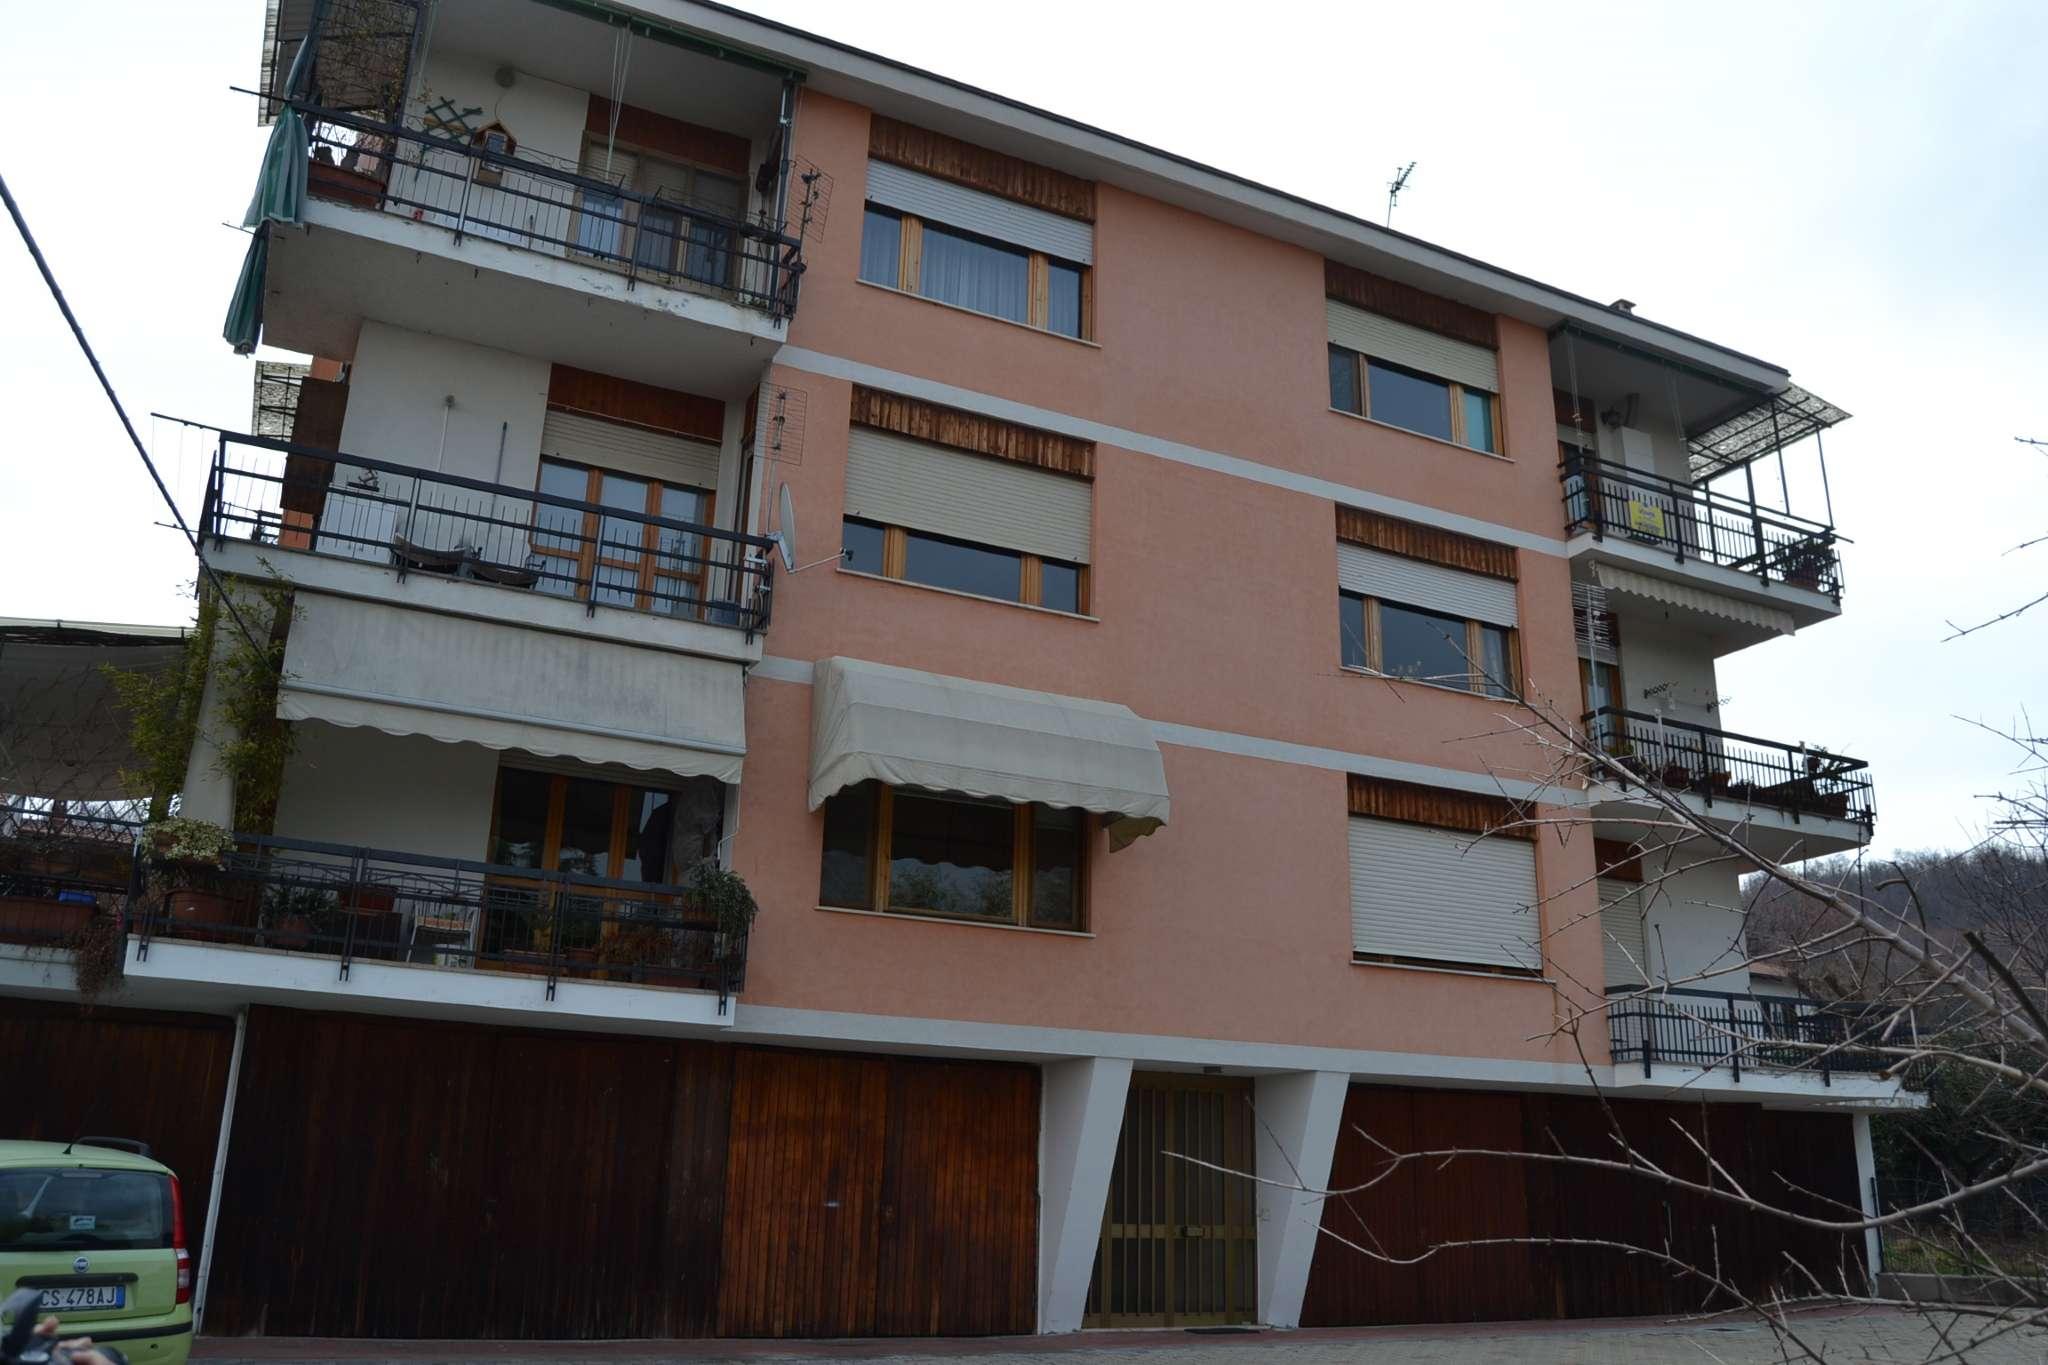 Appartamento in vendita a Montalenghe, 4 locali, prezzo € 69.000 | CambioCasa.it